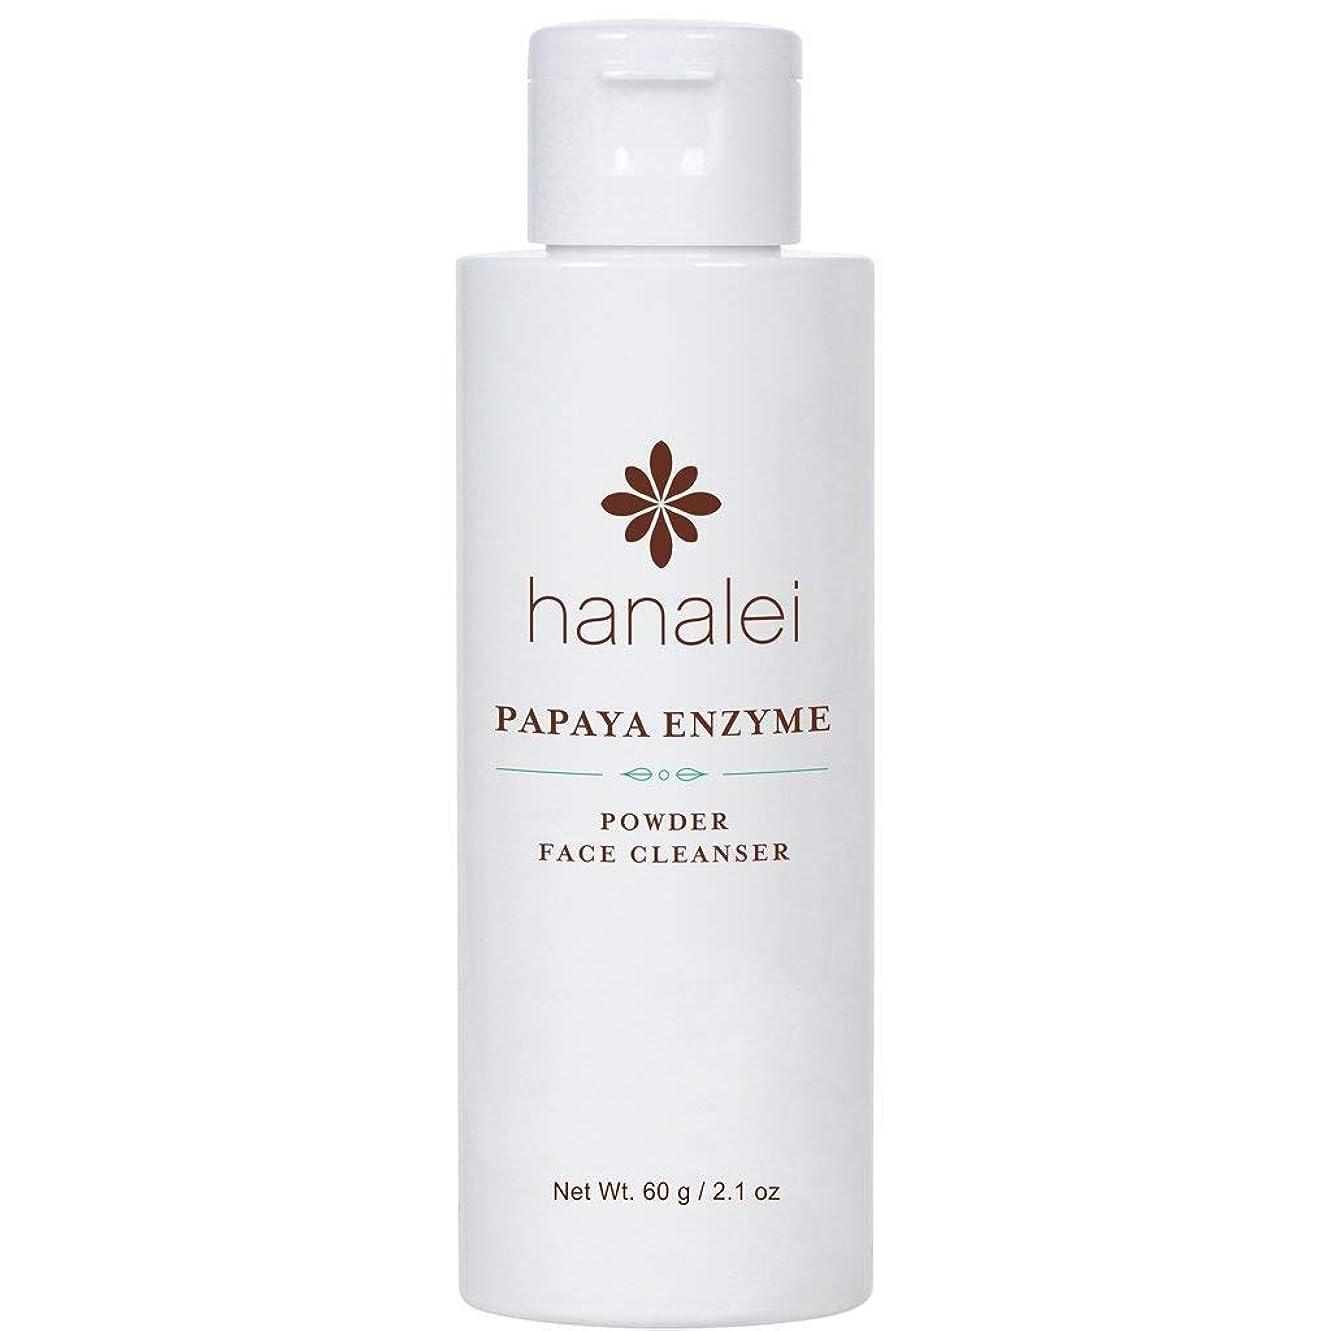 迅速講師駅Hanalei (ハナレイ)パパイヤ酵素洗顔料 (Papaya Enzyme Powder Facial Cleanser) (60g)